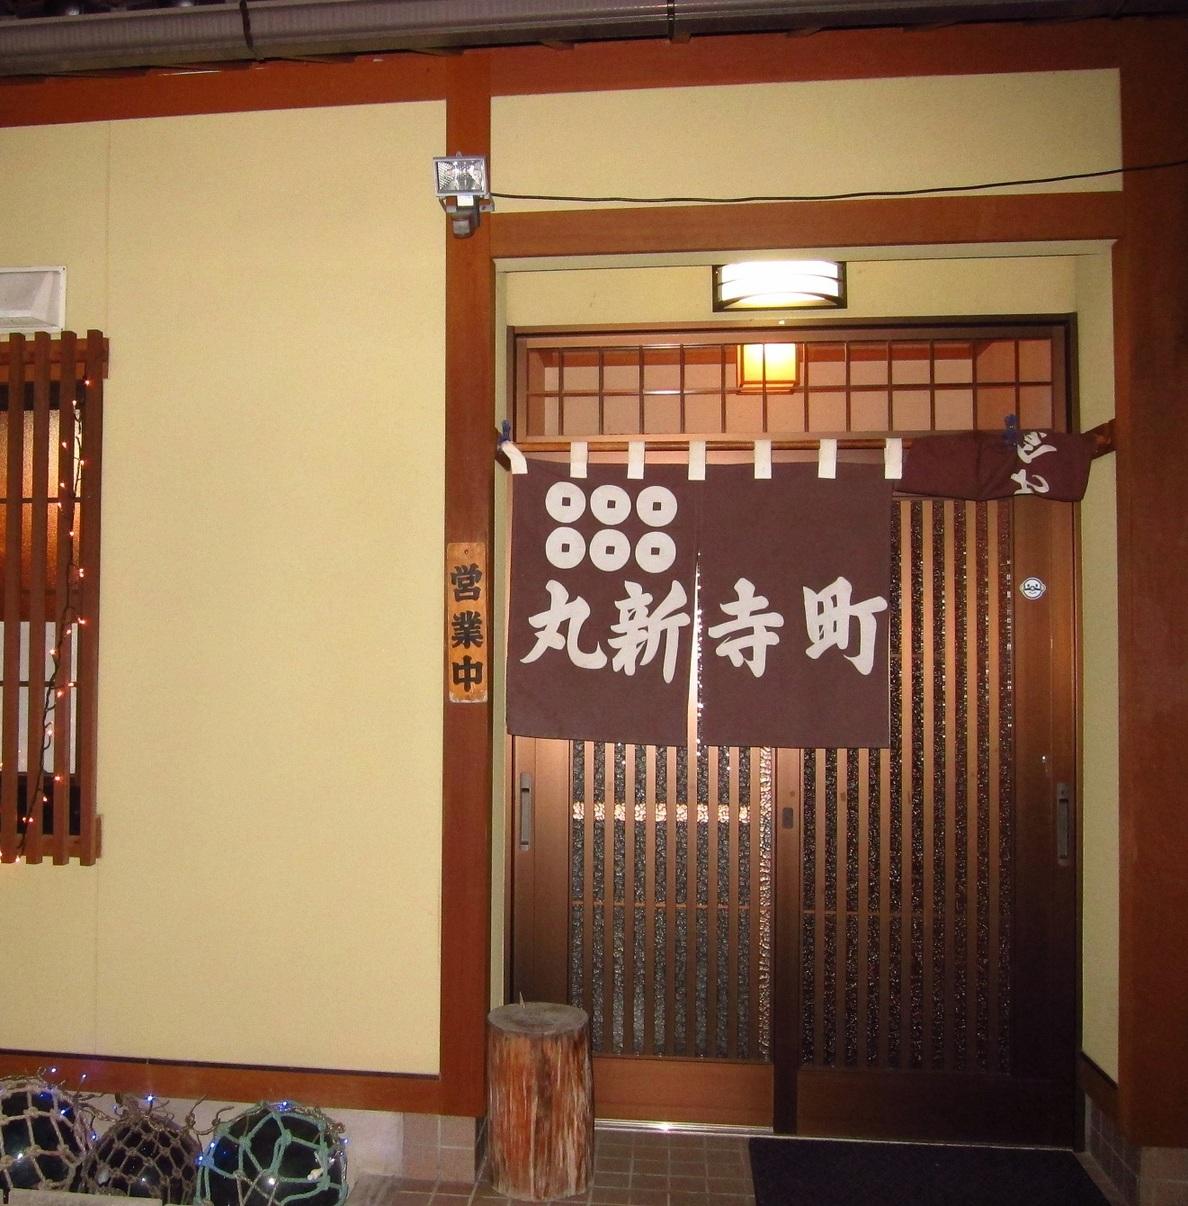 丸新 寺町店 name=